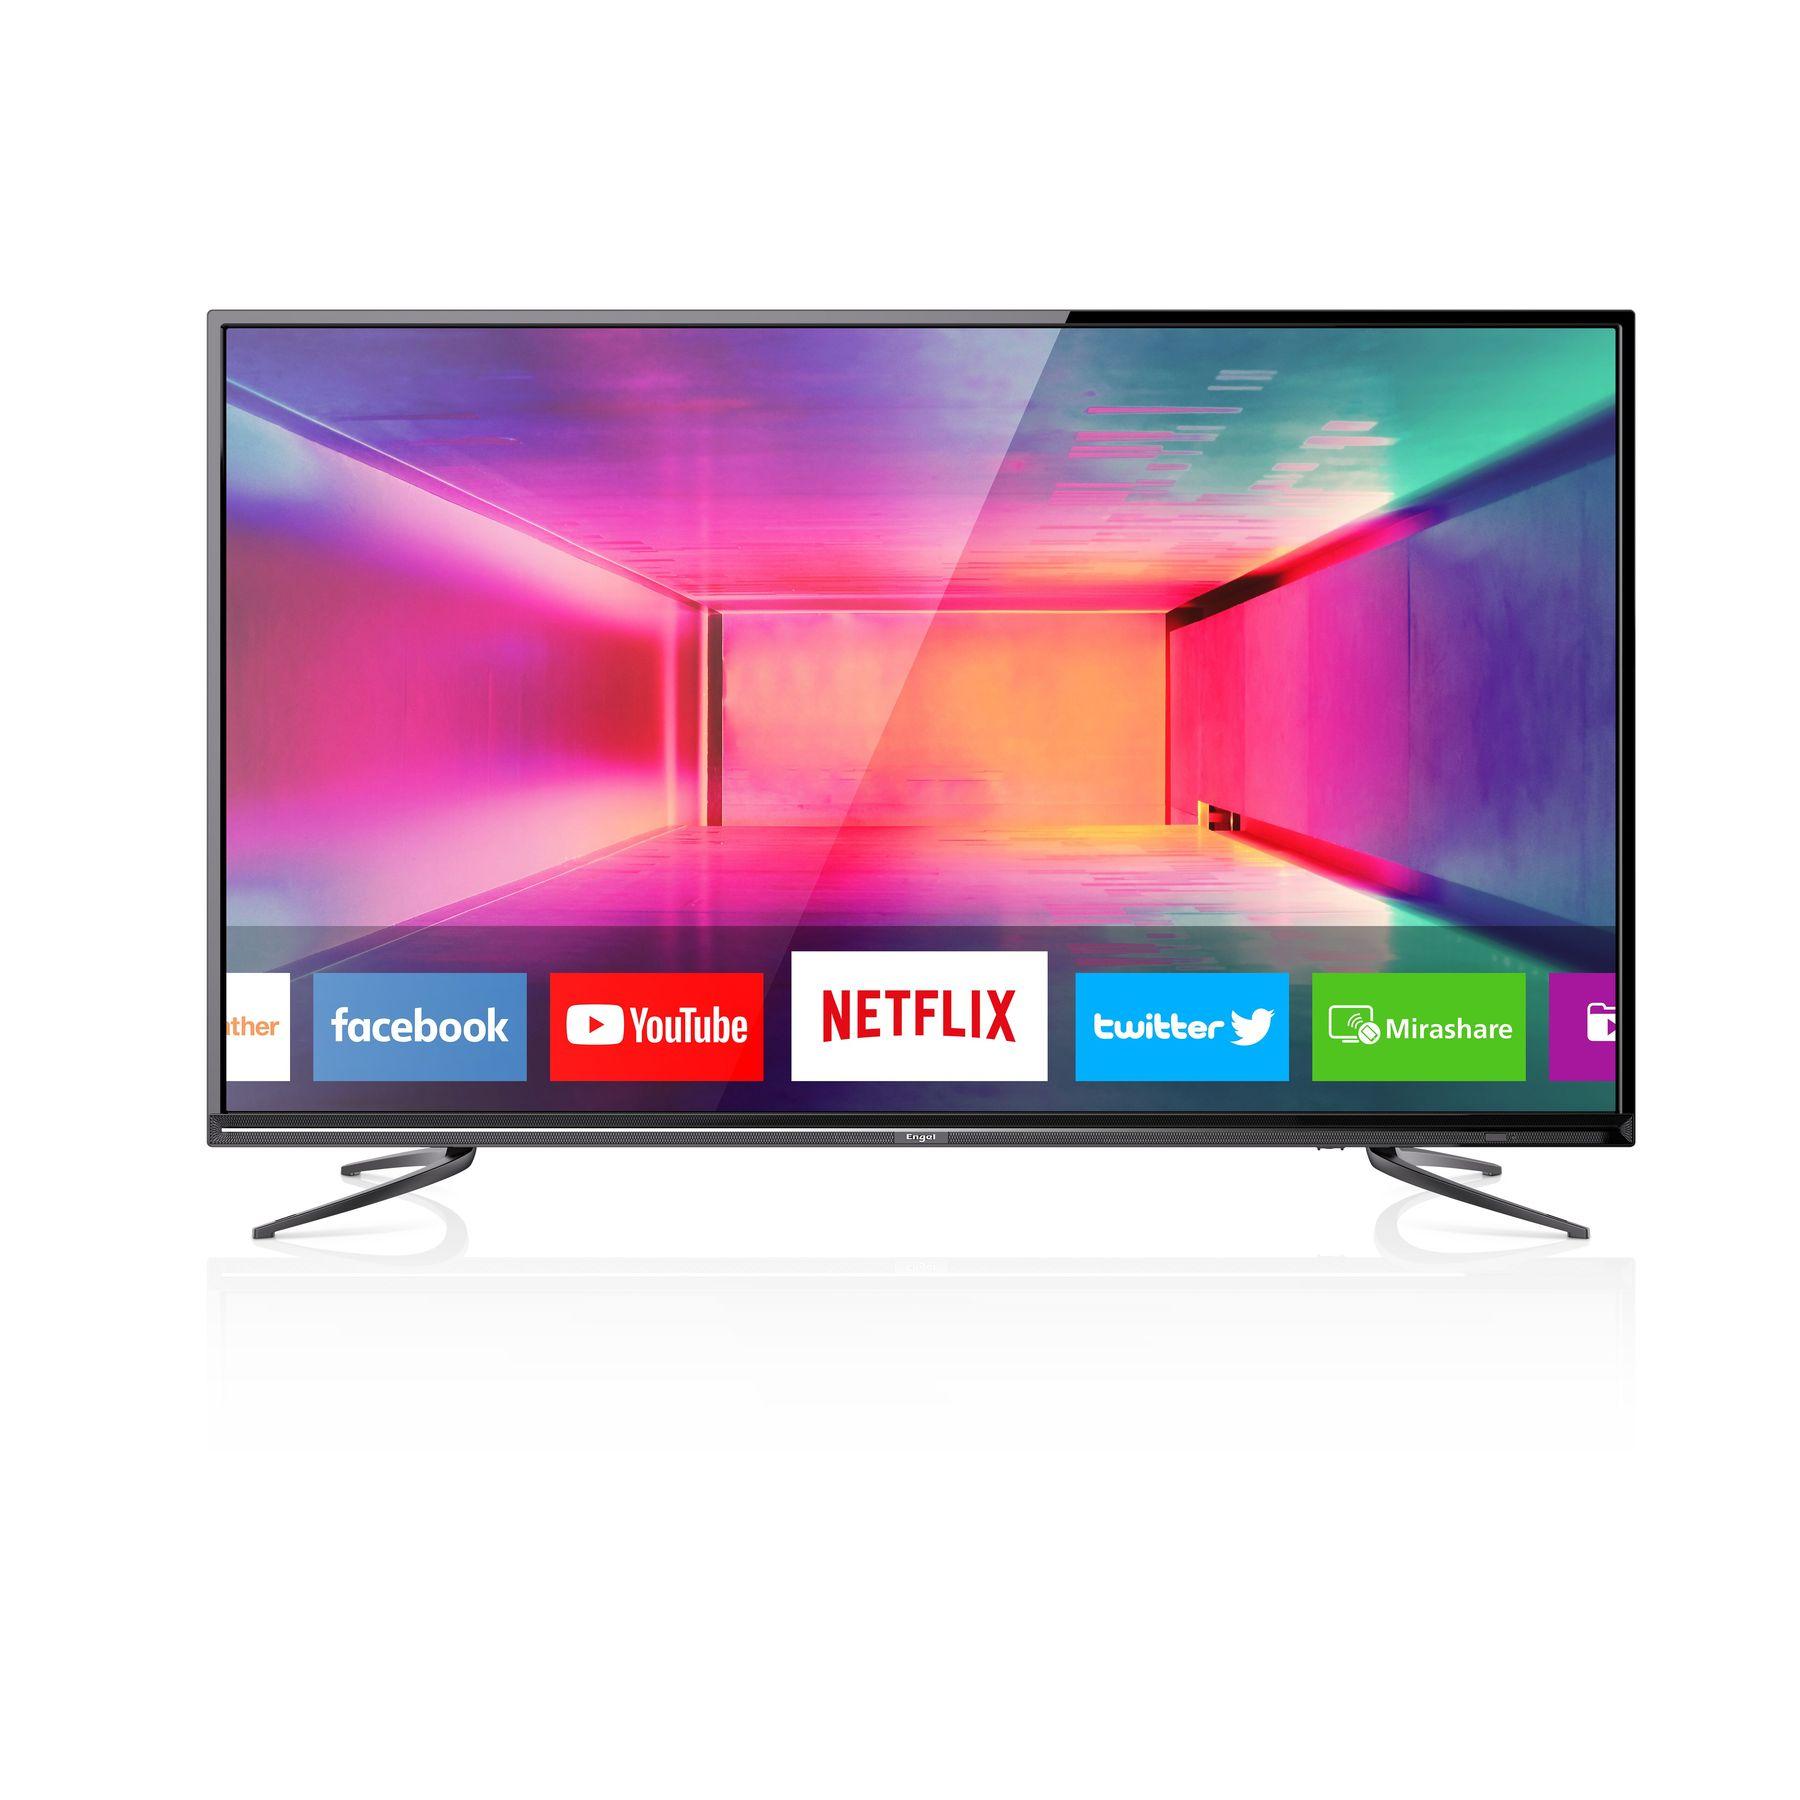 TV Smart TV Television LED ENGEL WiFi Netflix, Youtube 32